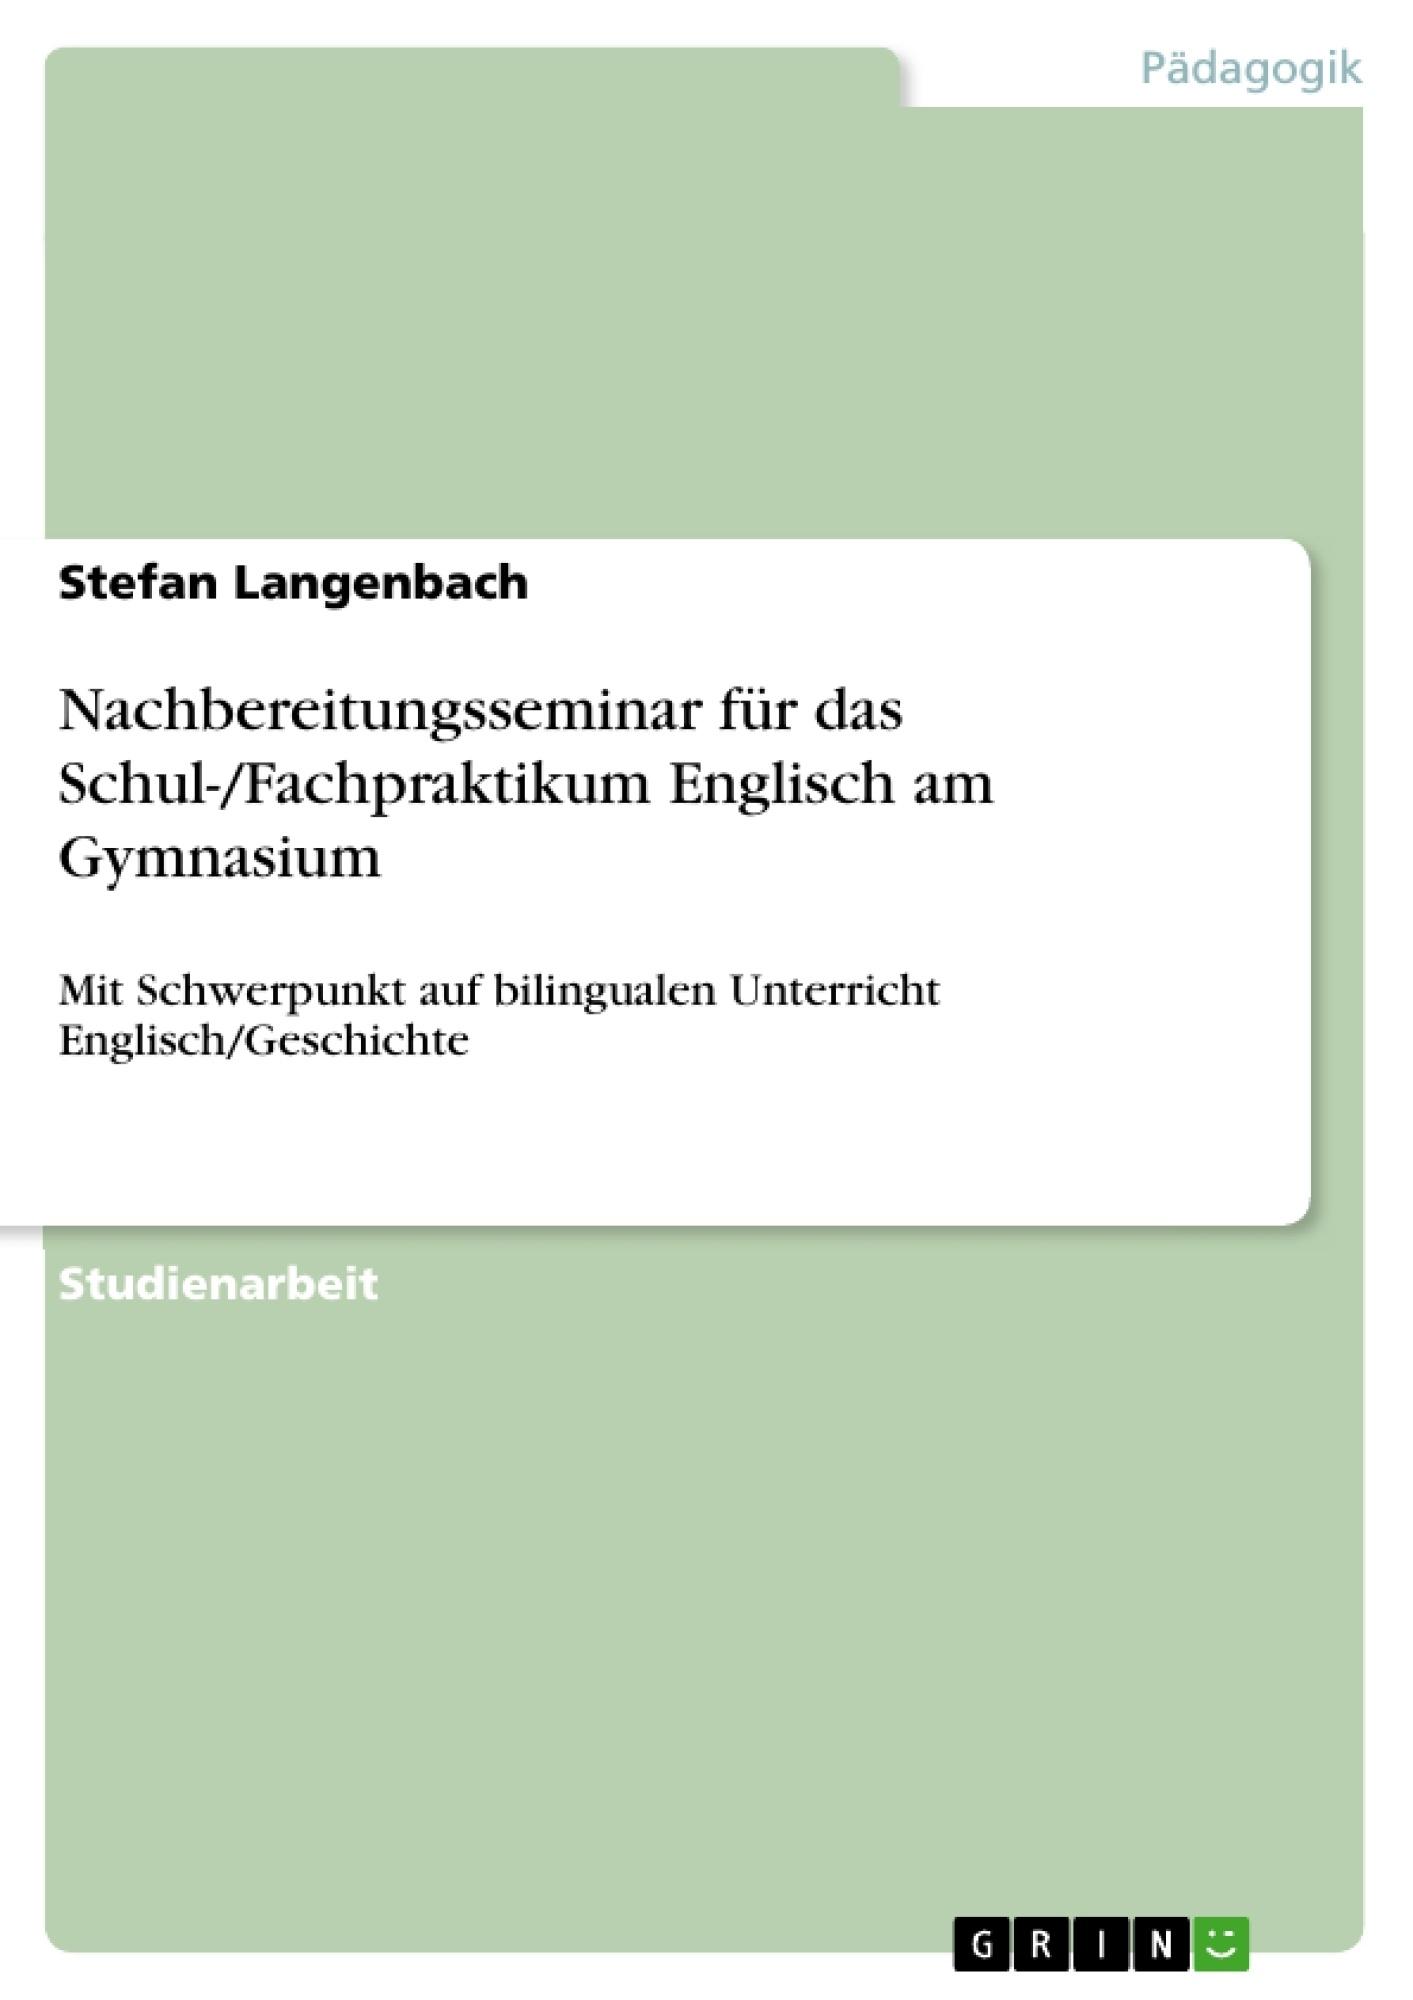 Titel: Nachbereitungsseminar für das Schul-/Fachpraktikum Englisch am Gymnasium